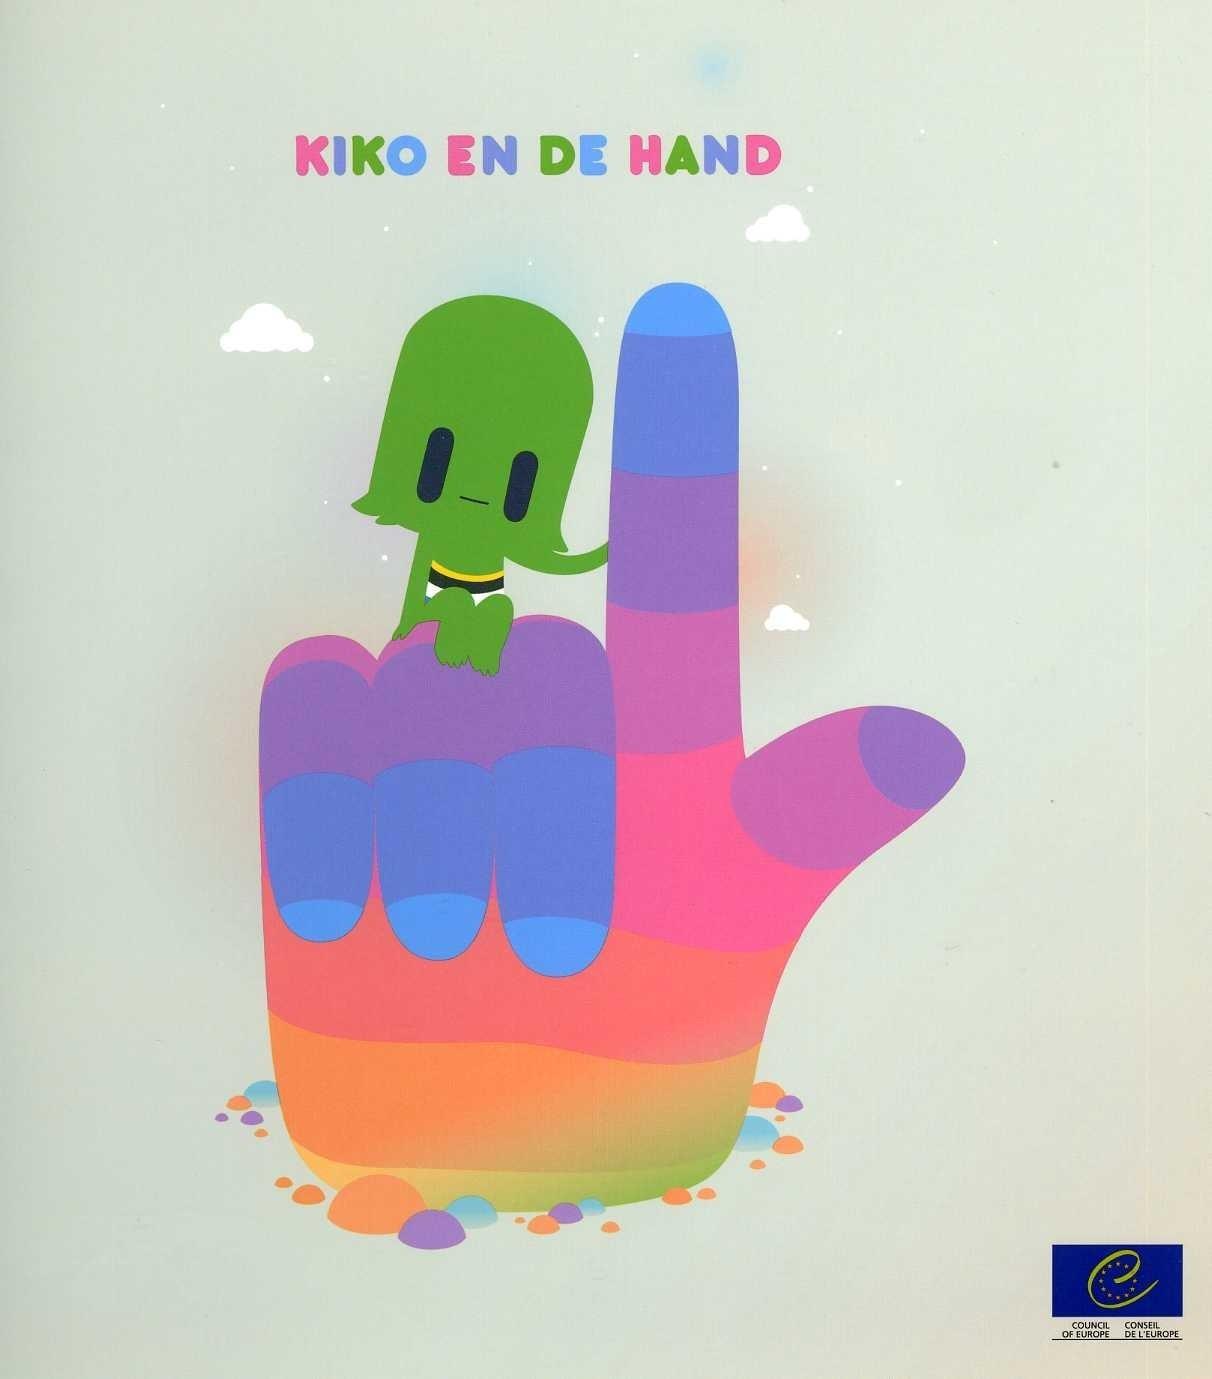 Kiko en de hand